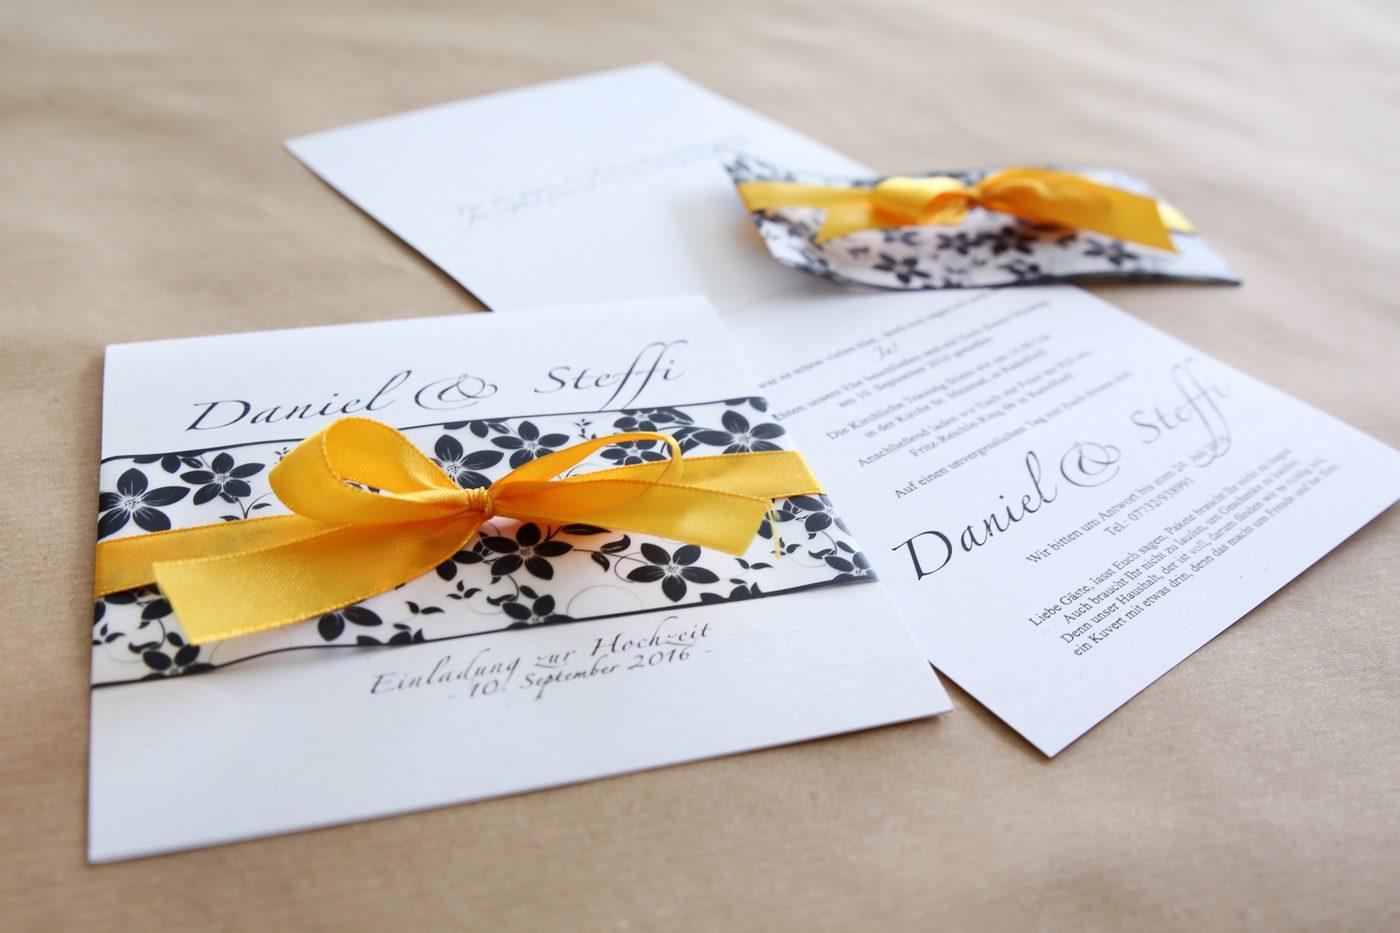 Einladungskarte zur Hochzeit mit Satinschleife und Blumenmuster